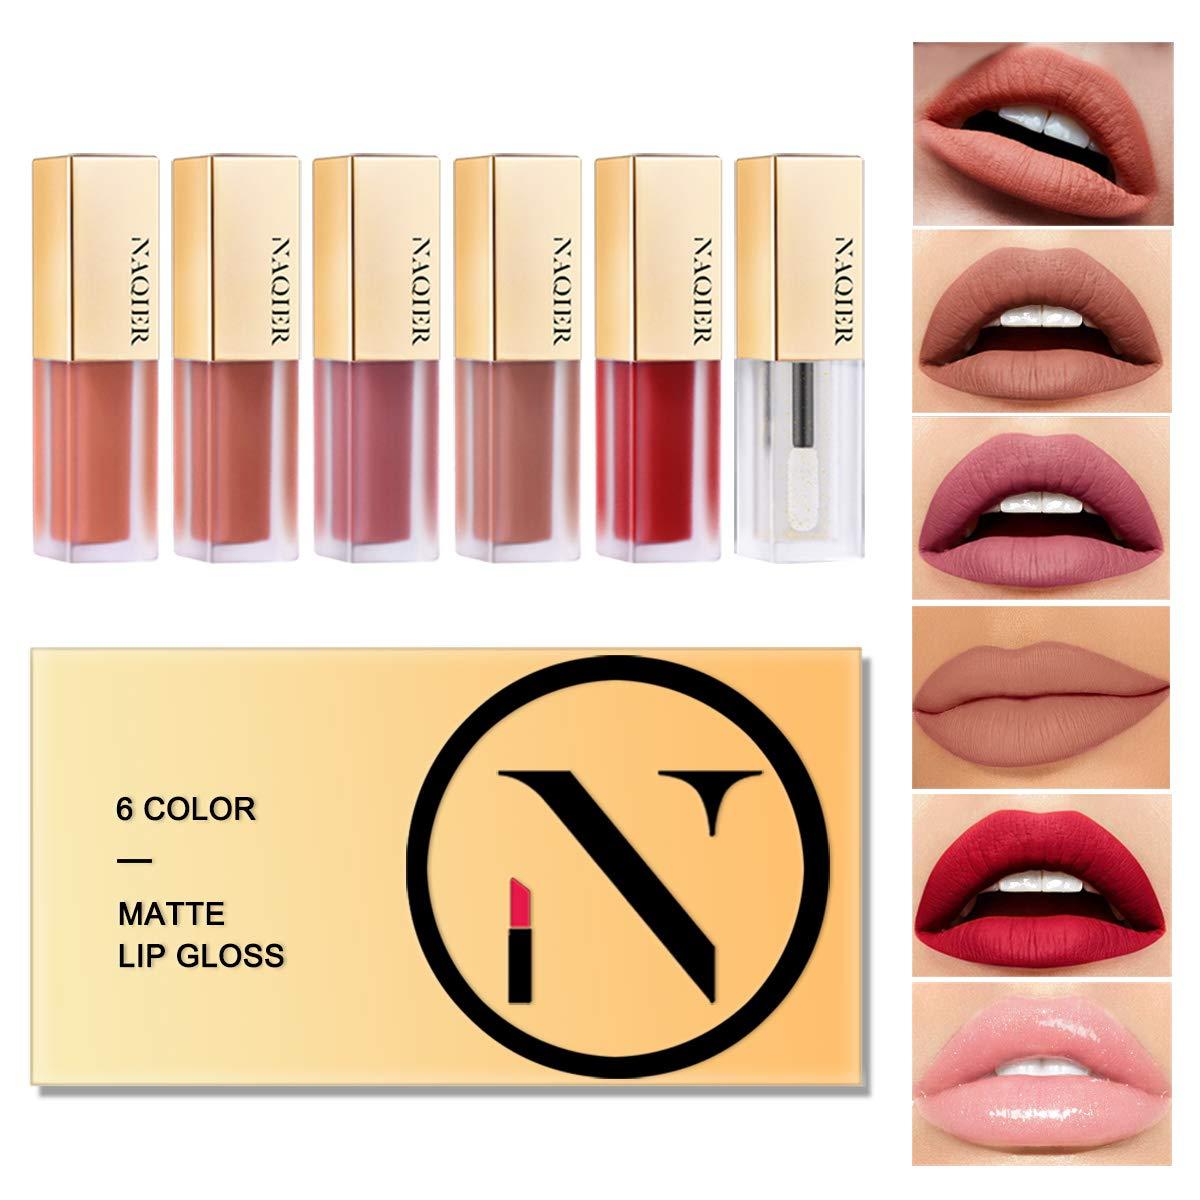 Matte Velvety Lip gloss Set, 6PCS